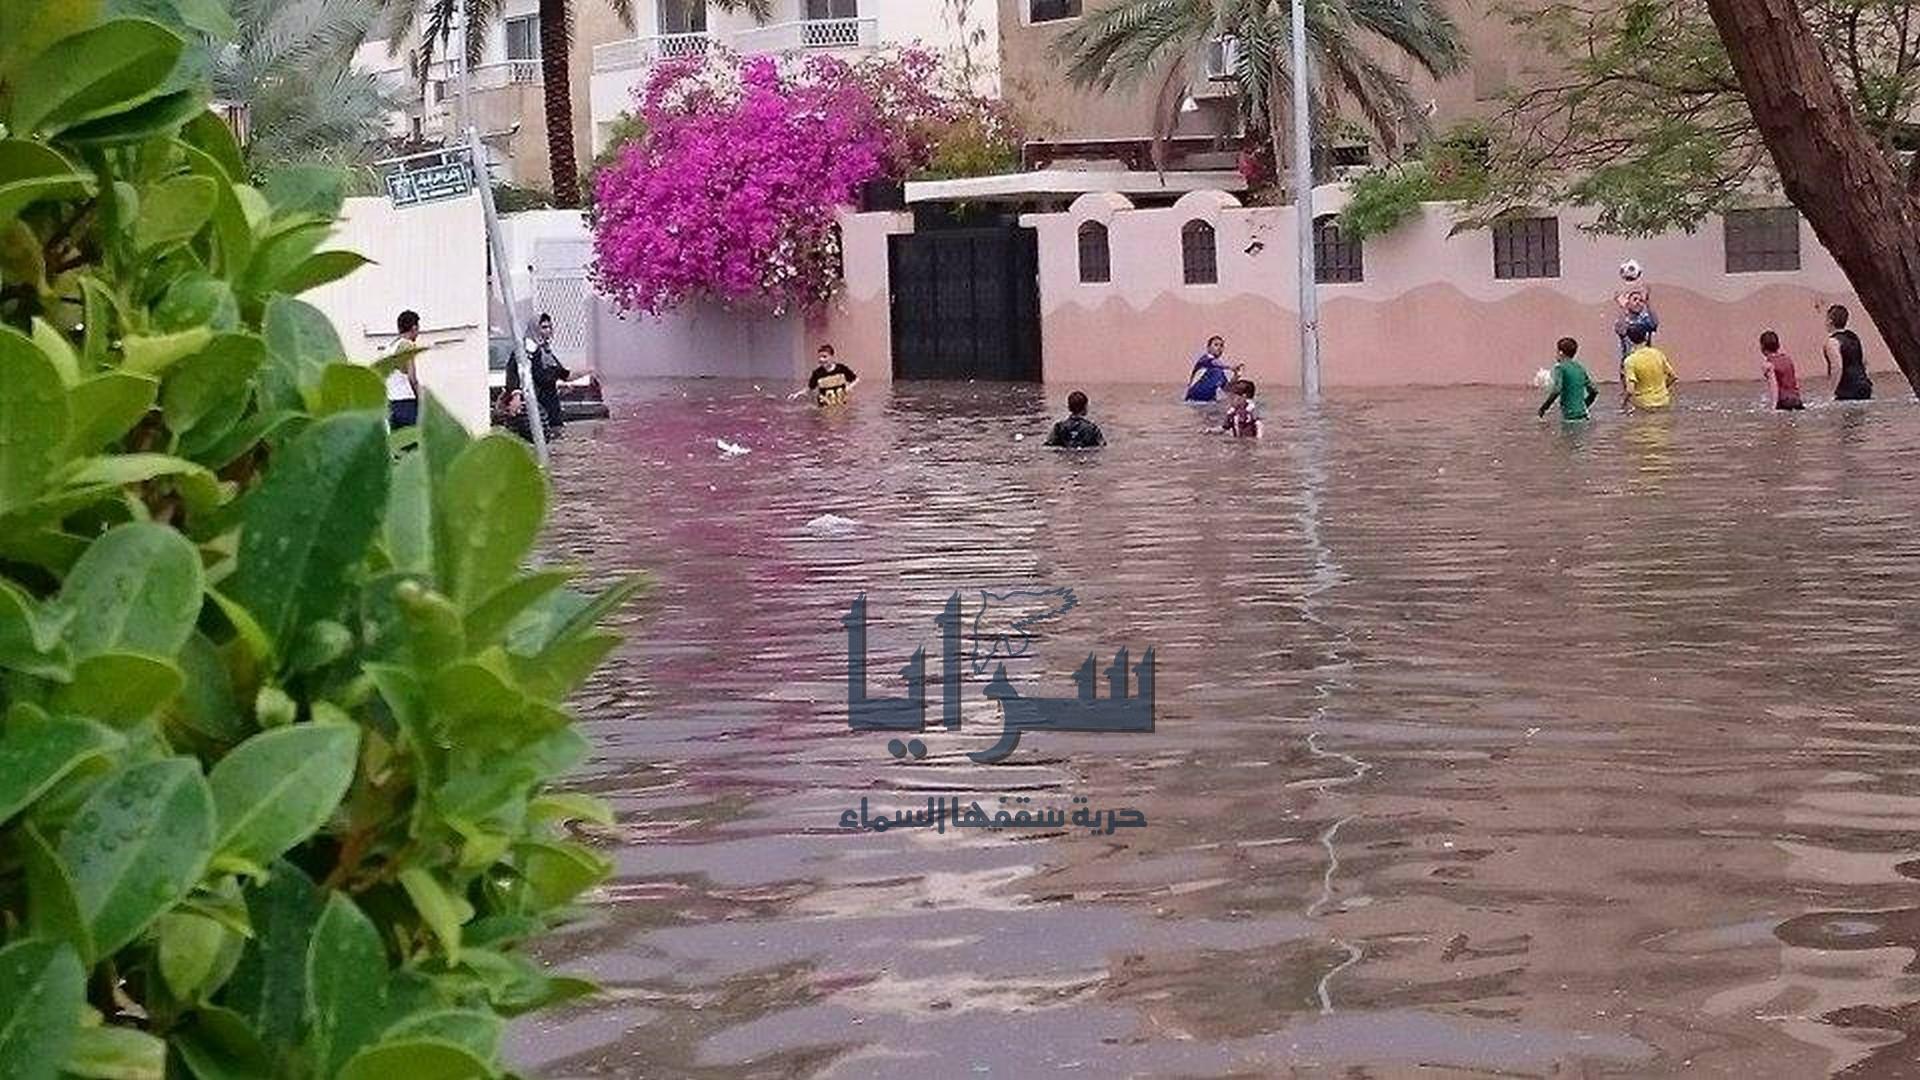 بالصور .. اهالي العقبة يسبحون بمياه السيول في الشوارع